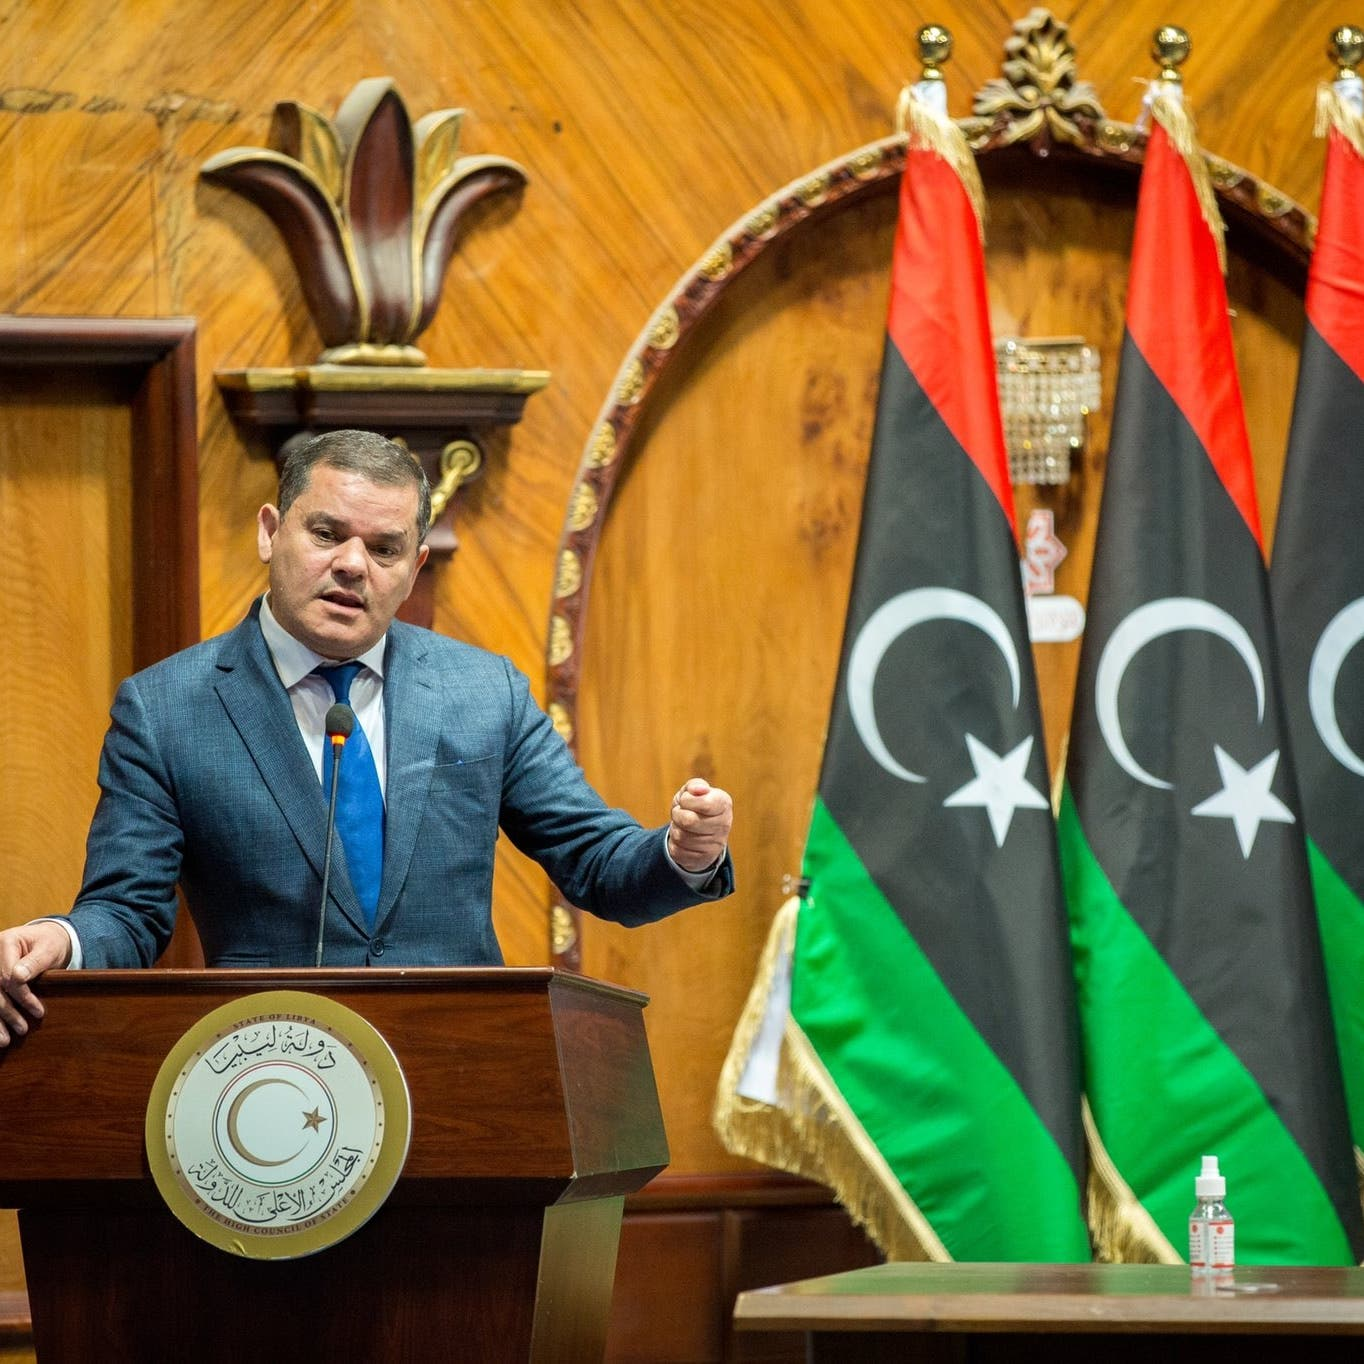 ليبيا.. رئيس الوزراء يقدم تشكيلة حكومة وحدة وطنية للبرلمان